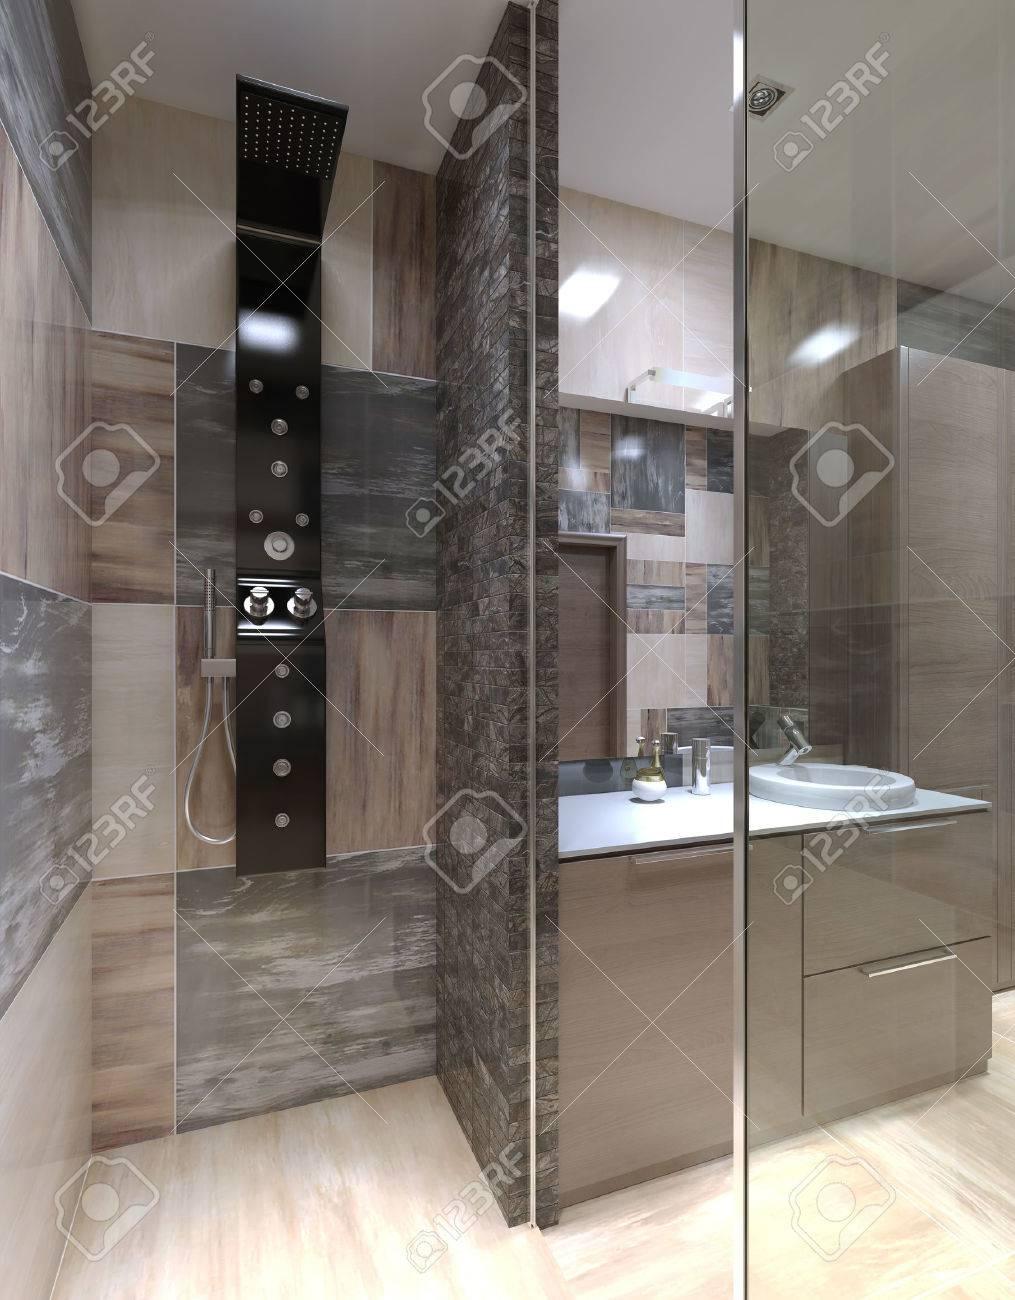 Minimalist Dusche Aus Bad Getrennt. 3D übertragen Standard Bild   46425724